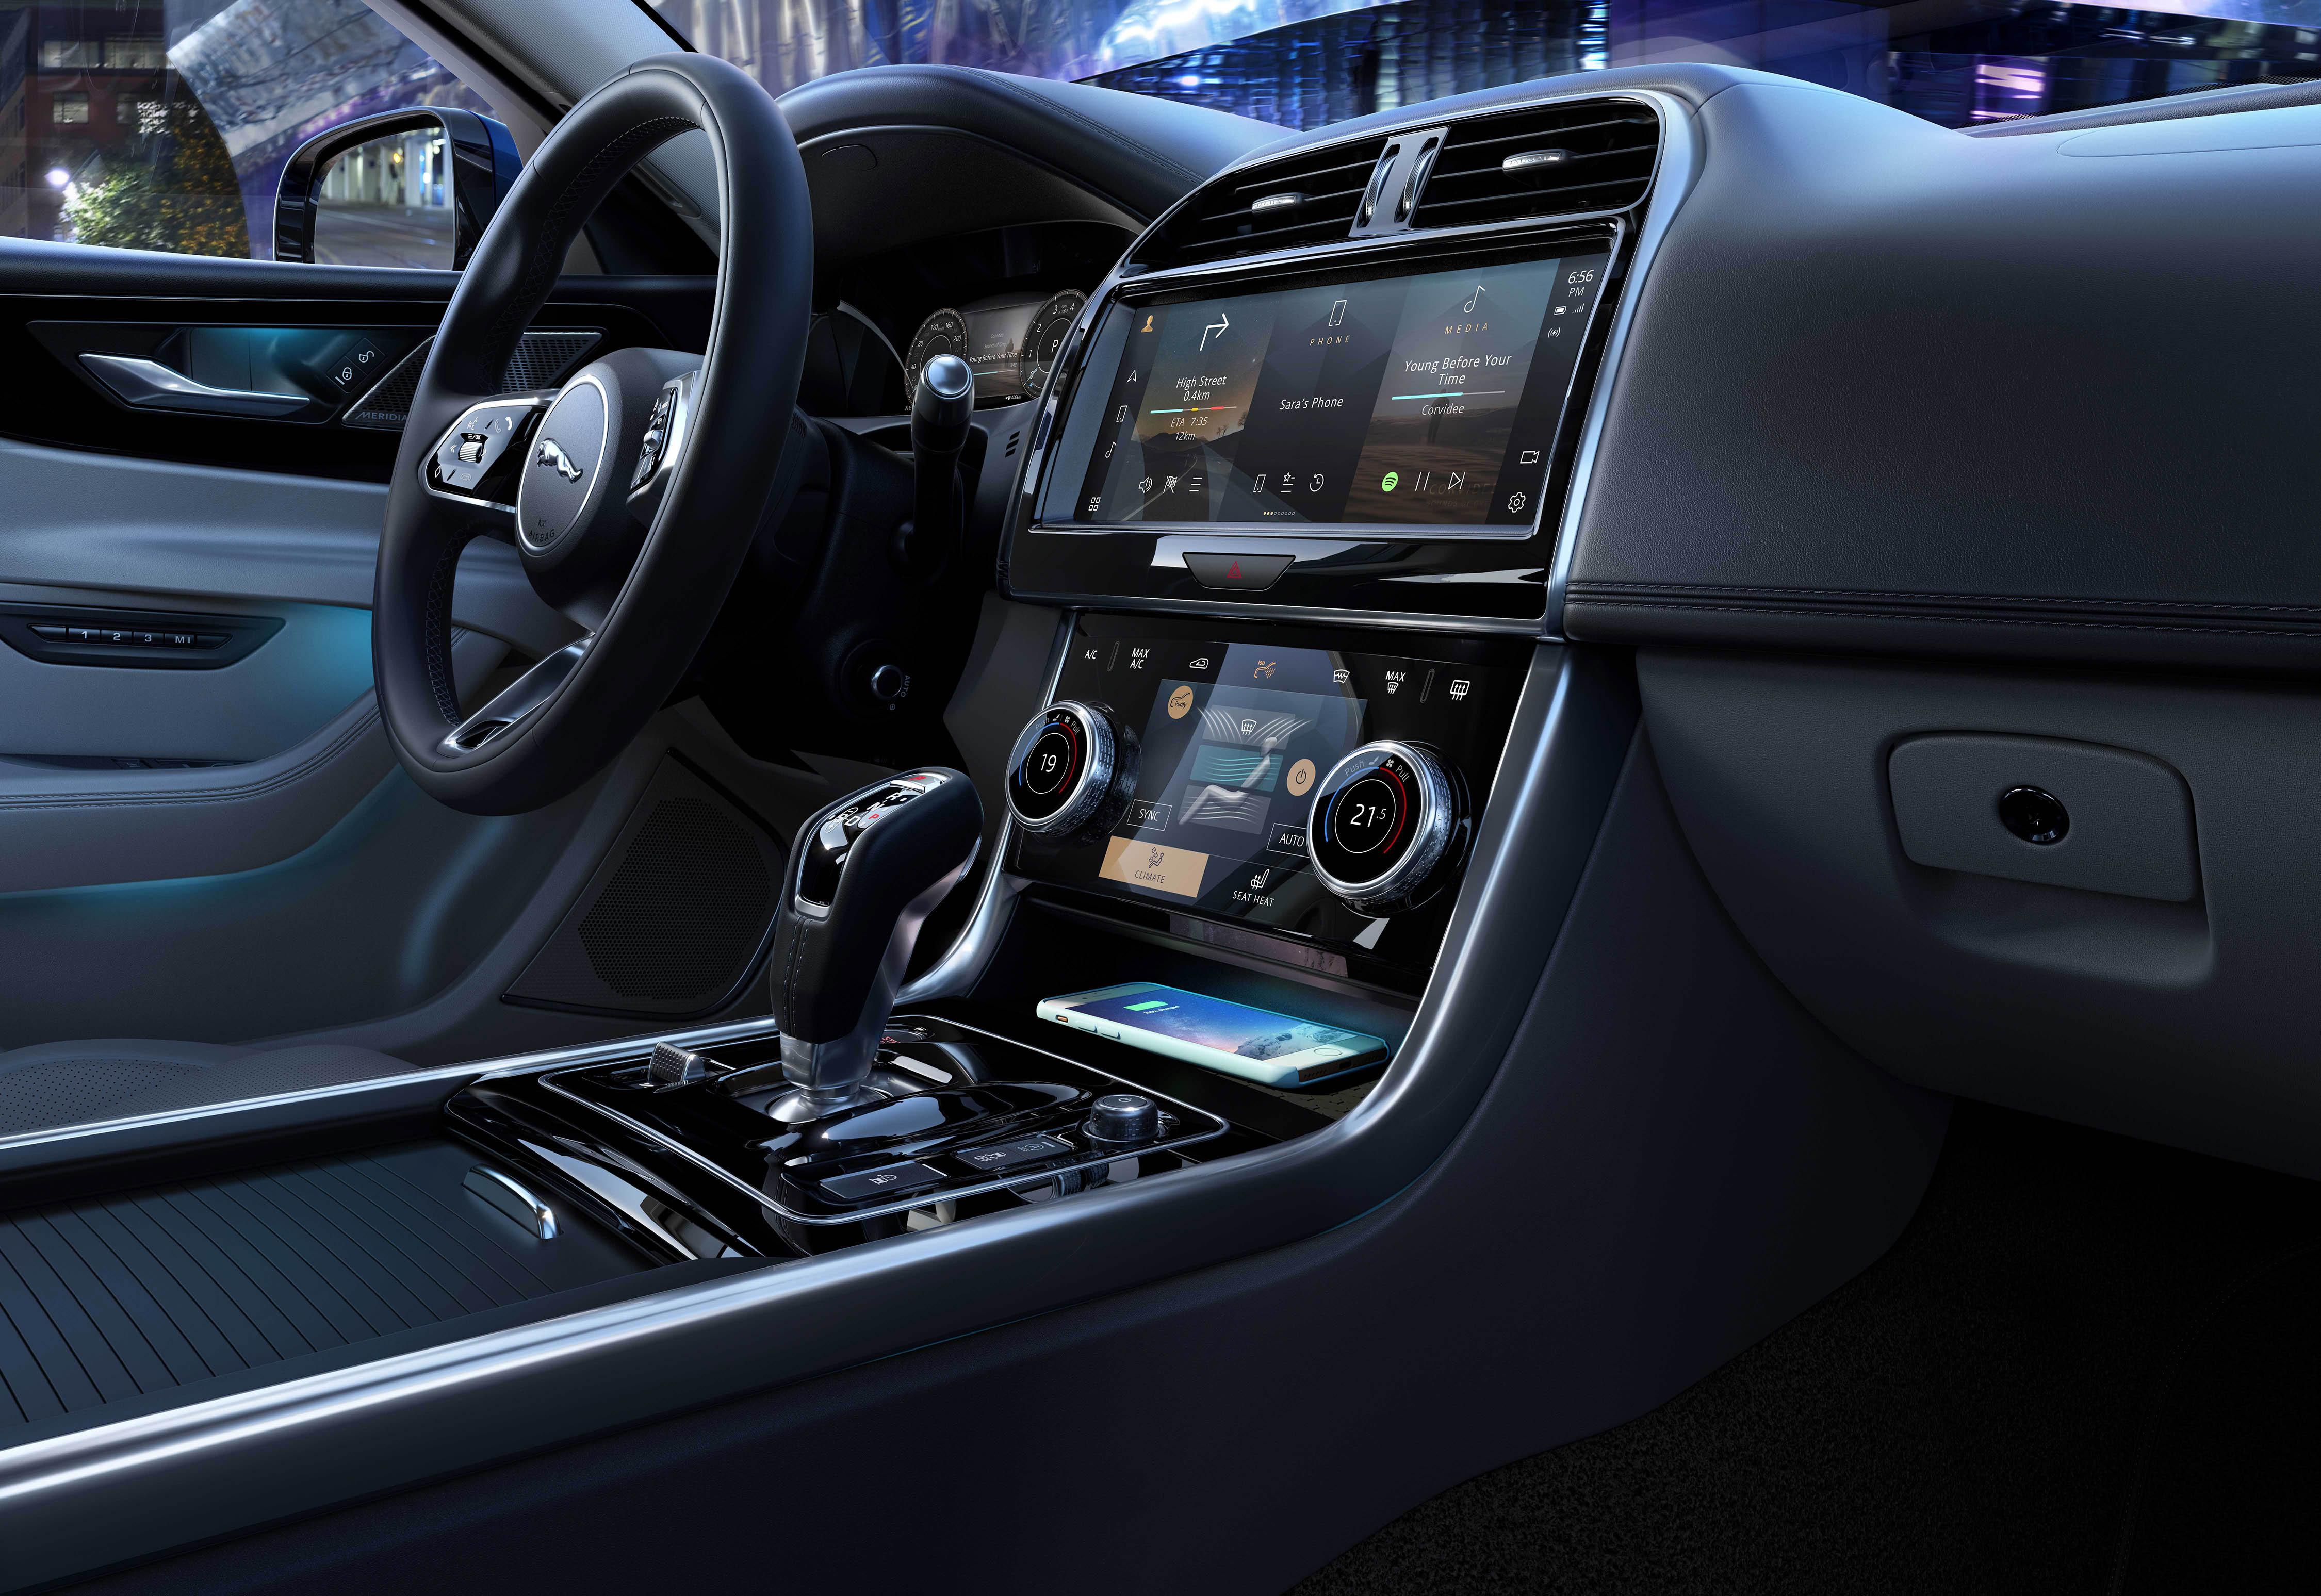 366799 jag xe 21my interior 061020 a057 glhd 714219 original 1601906351